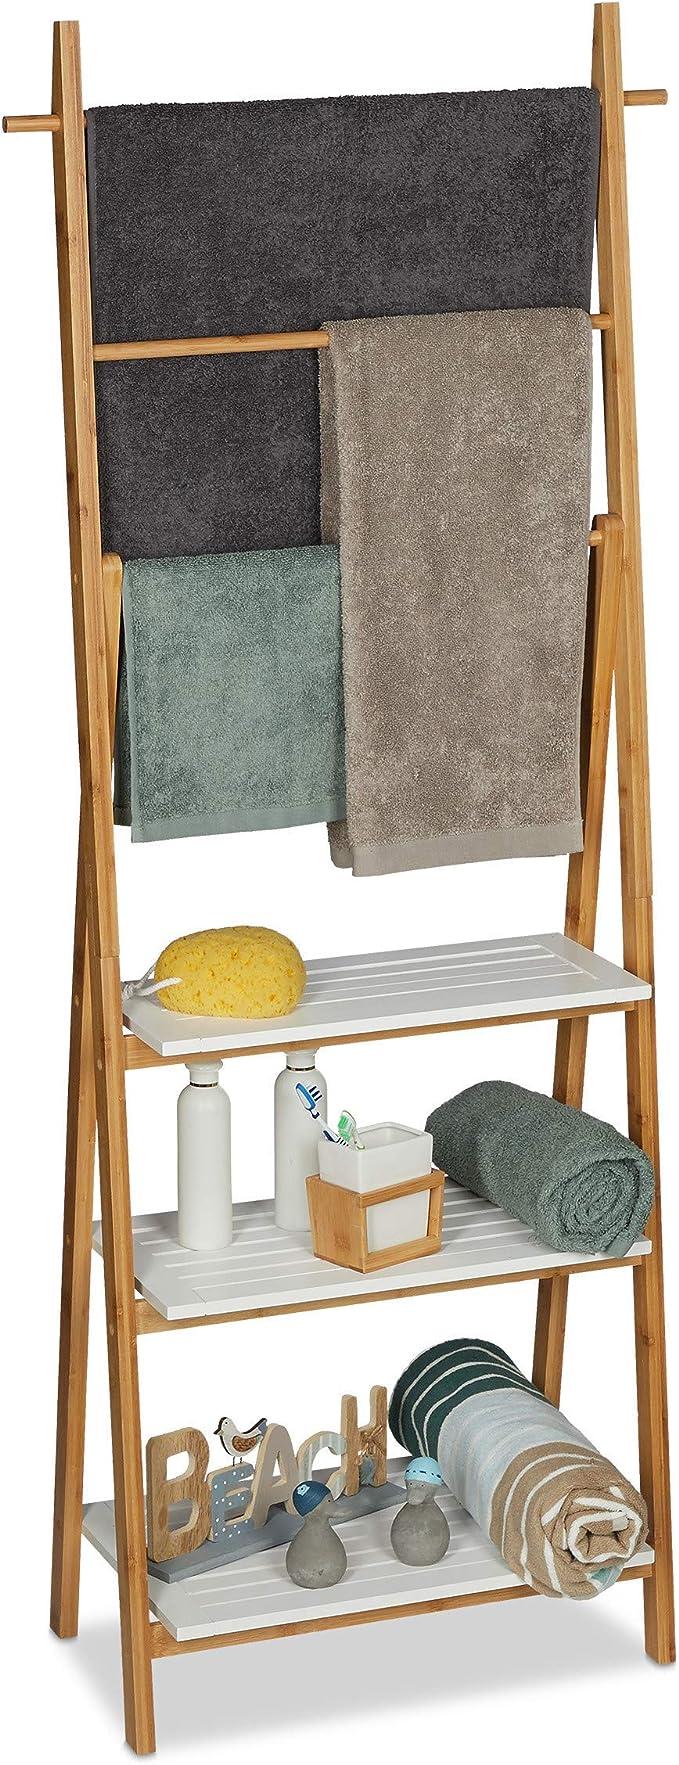 Relaxdays, 150x50x30cm Toallero Baño con Estantería, Bambú-DM, Marrón-Blanco: Amazon.es: Hogar